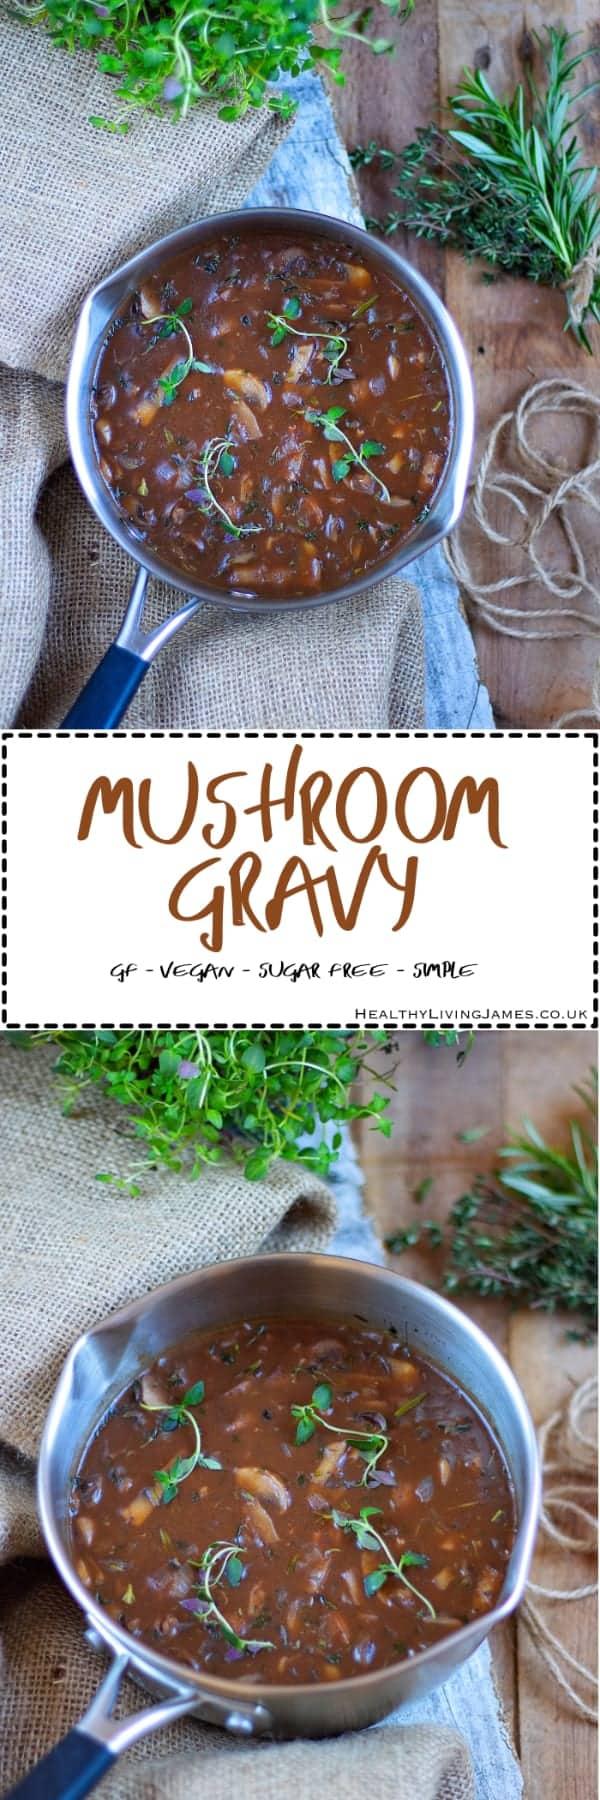 Mushroom Gravy pinterest